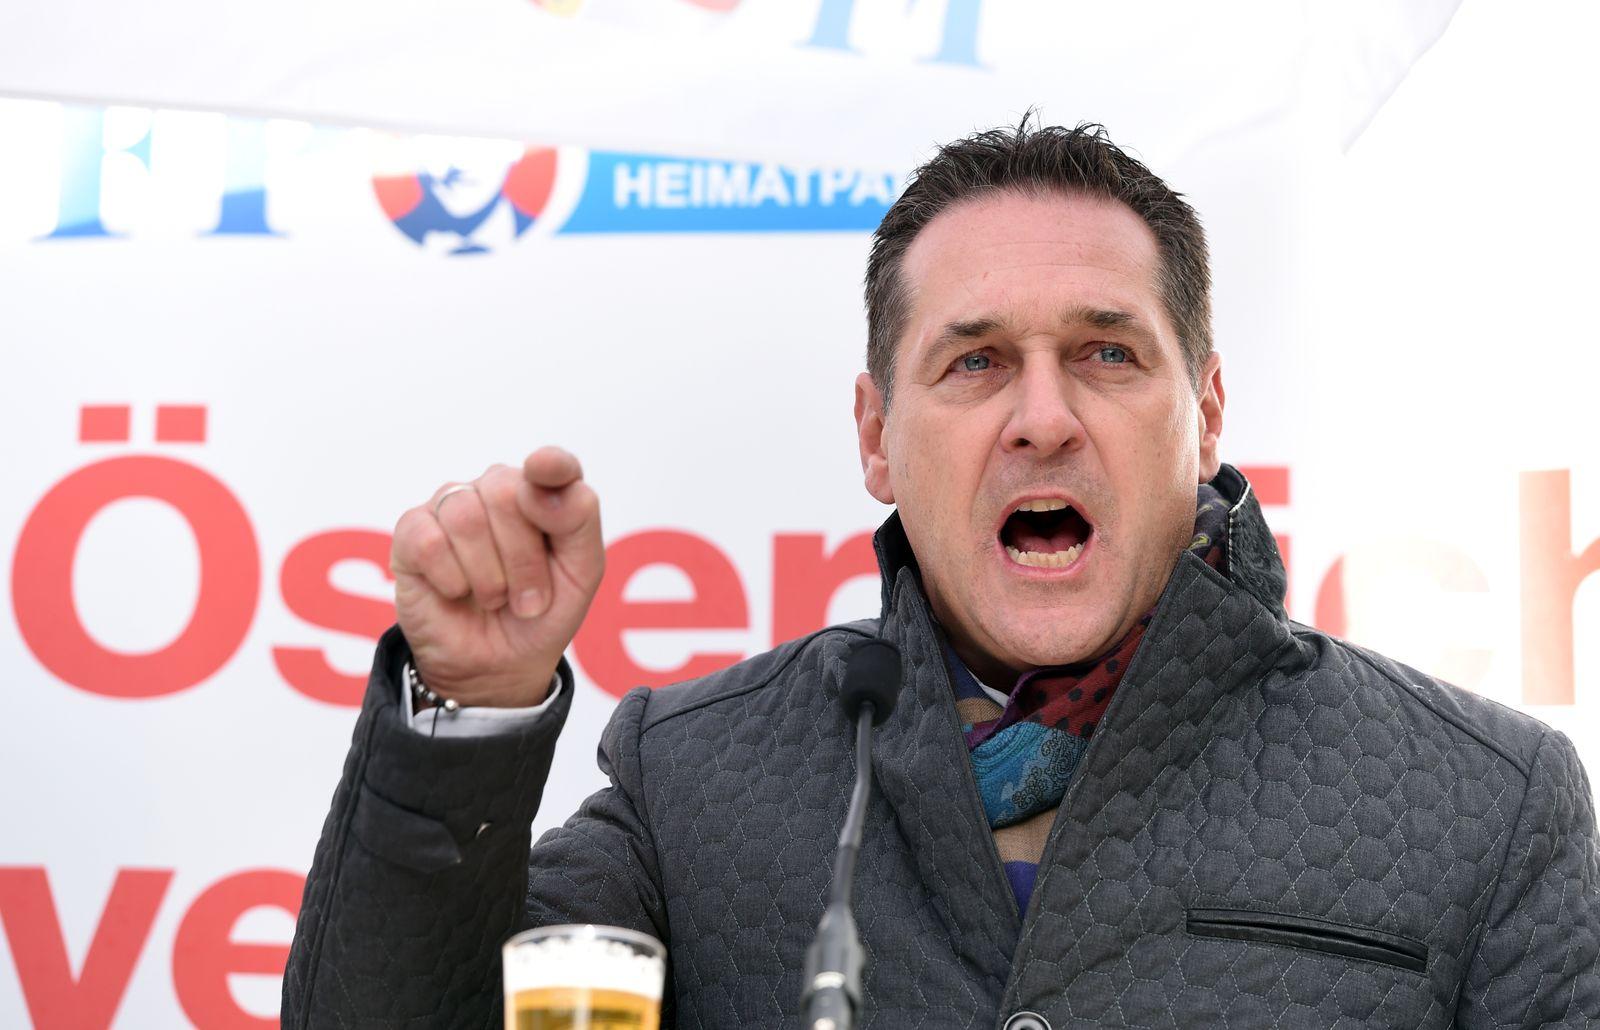 Österreich/ Heinz-Christian Strache/ 2017